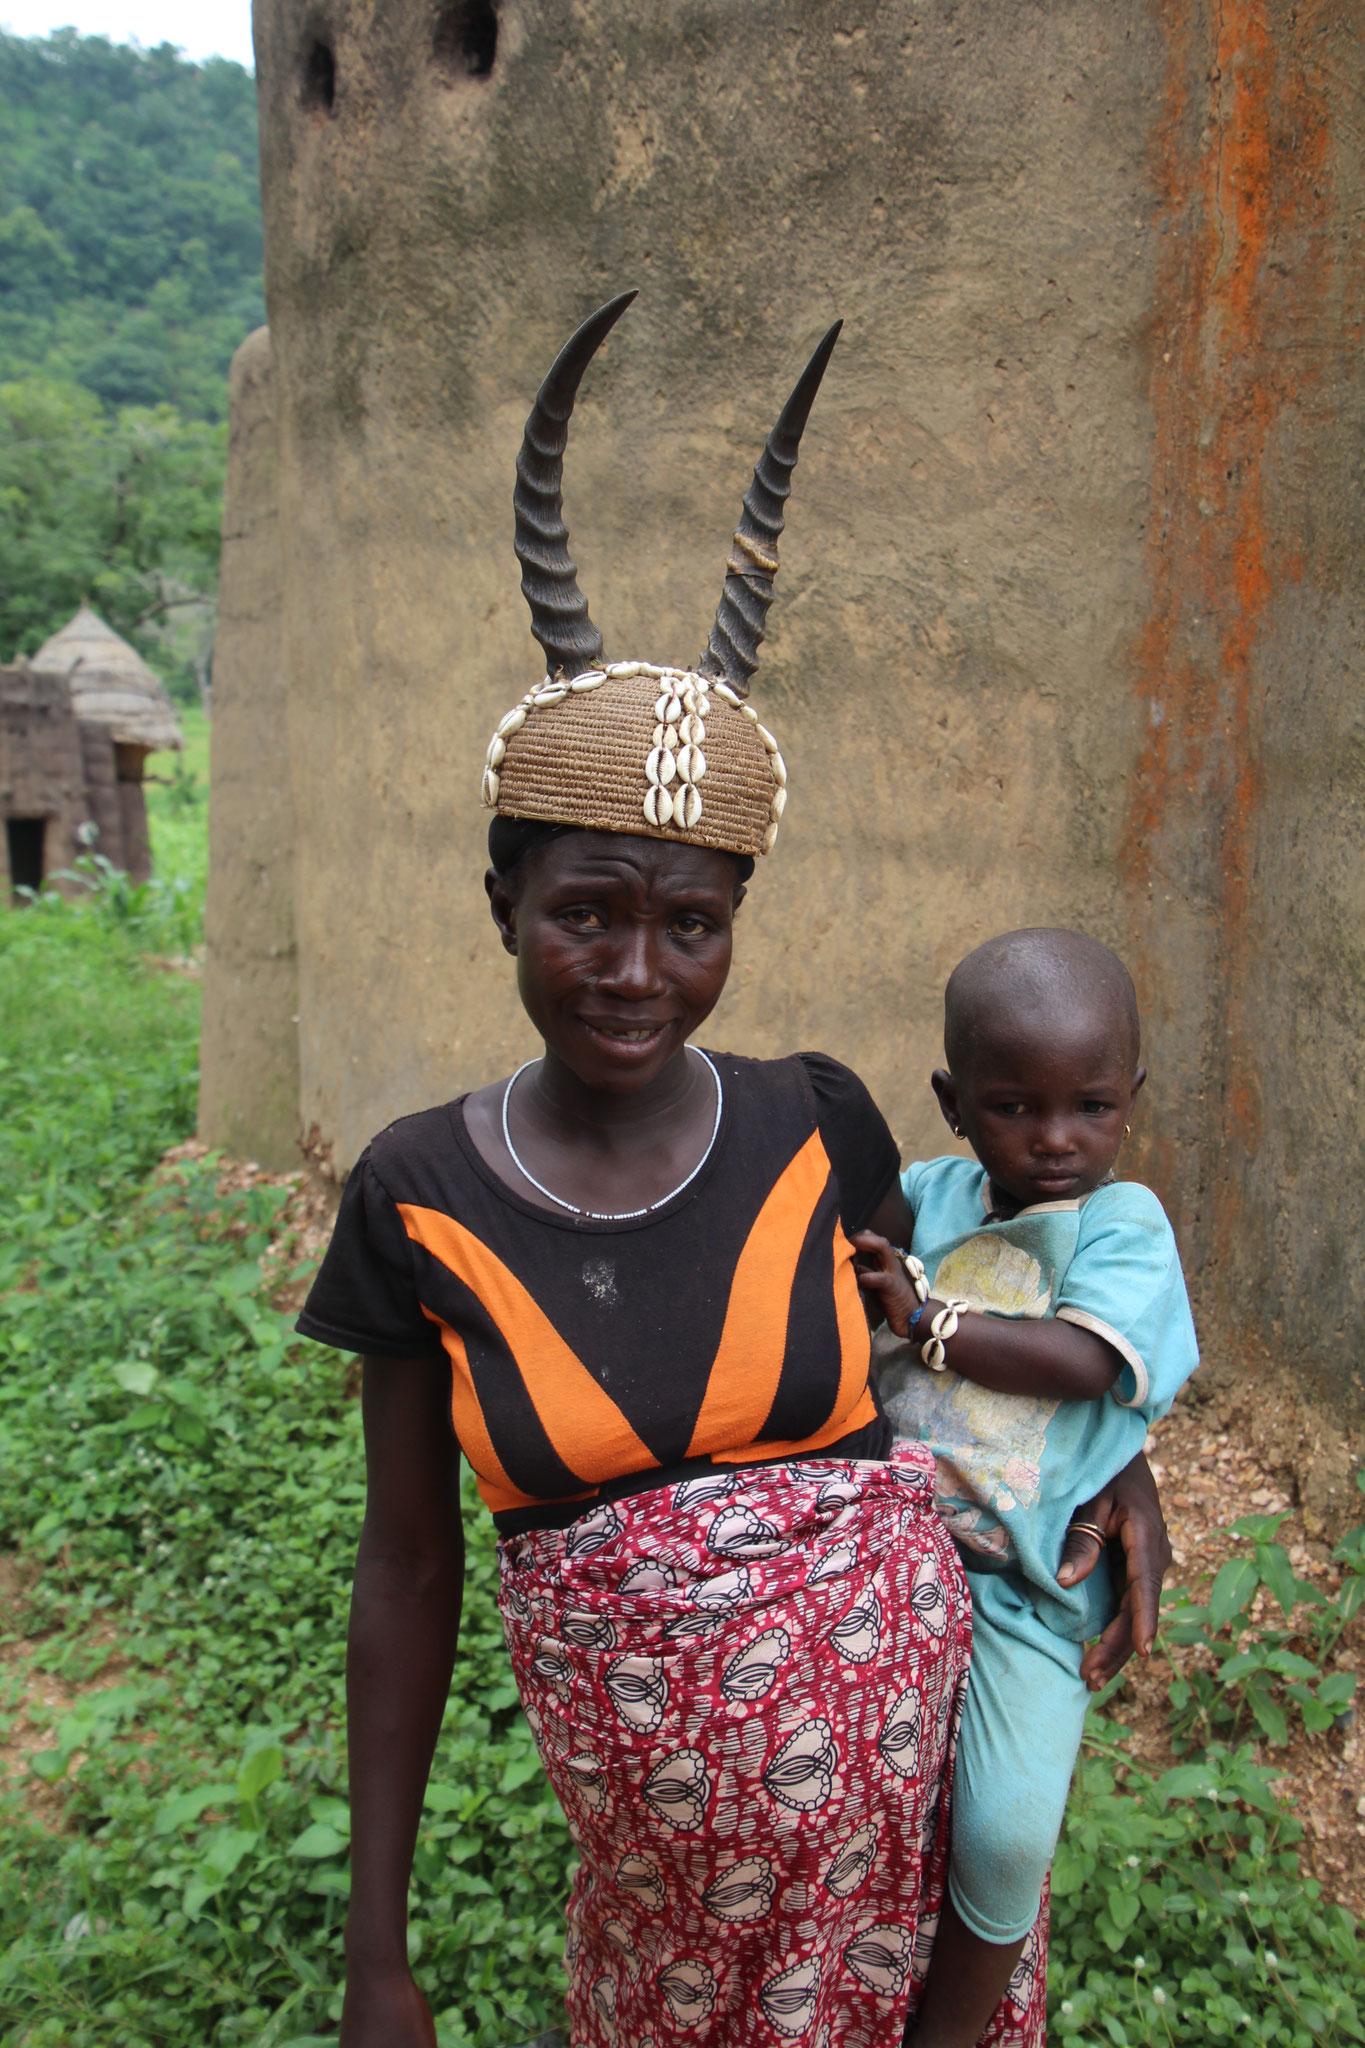 15. Taberna Frau mit typischer Kopfbedeckung.